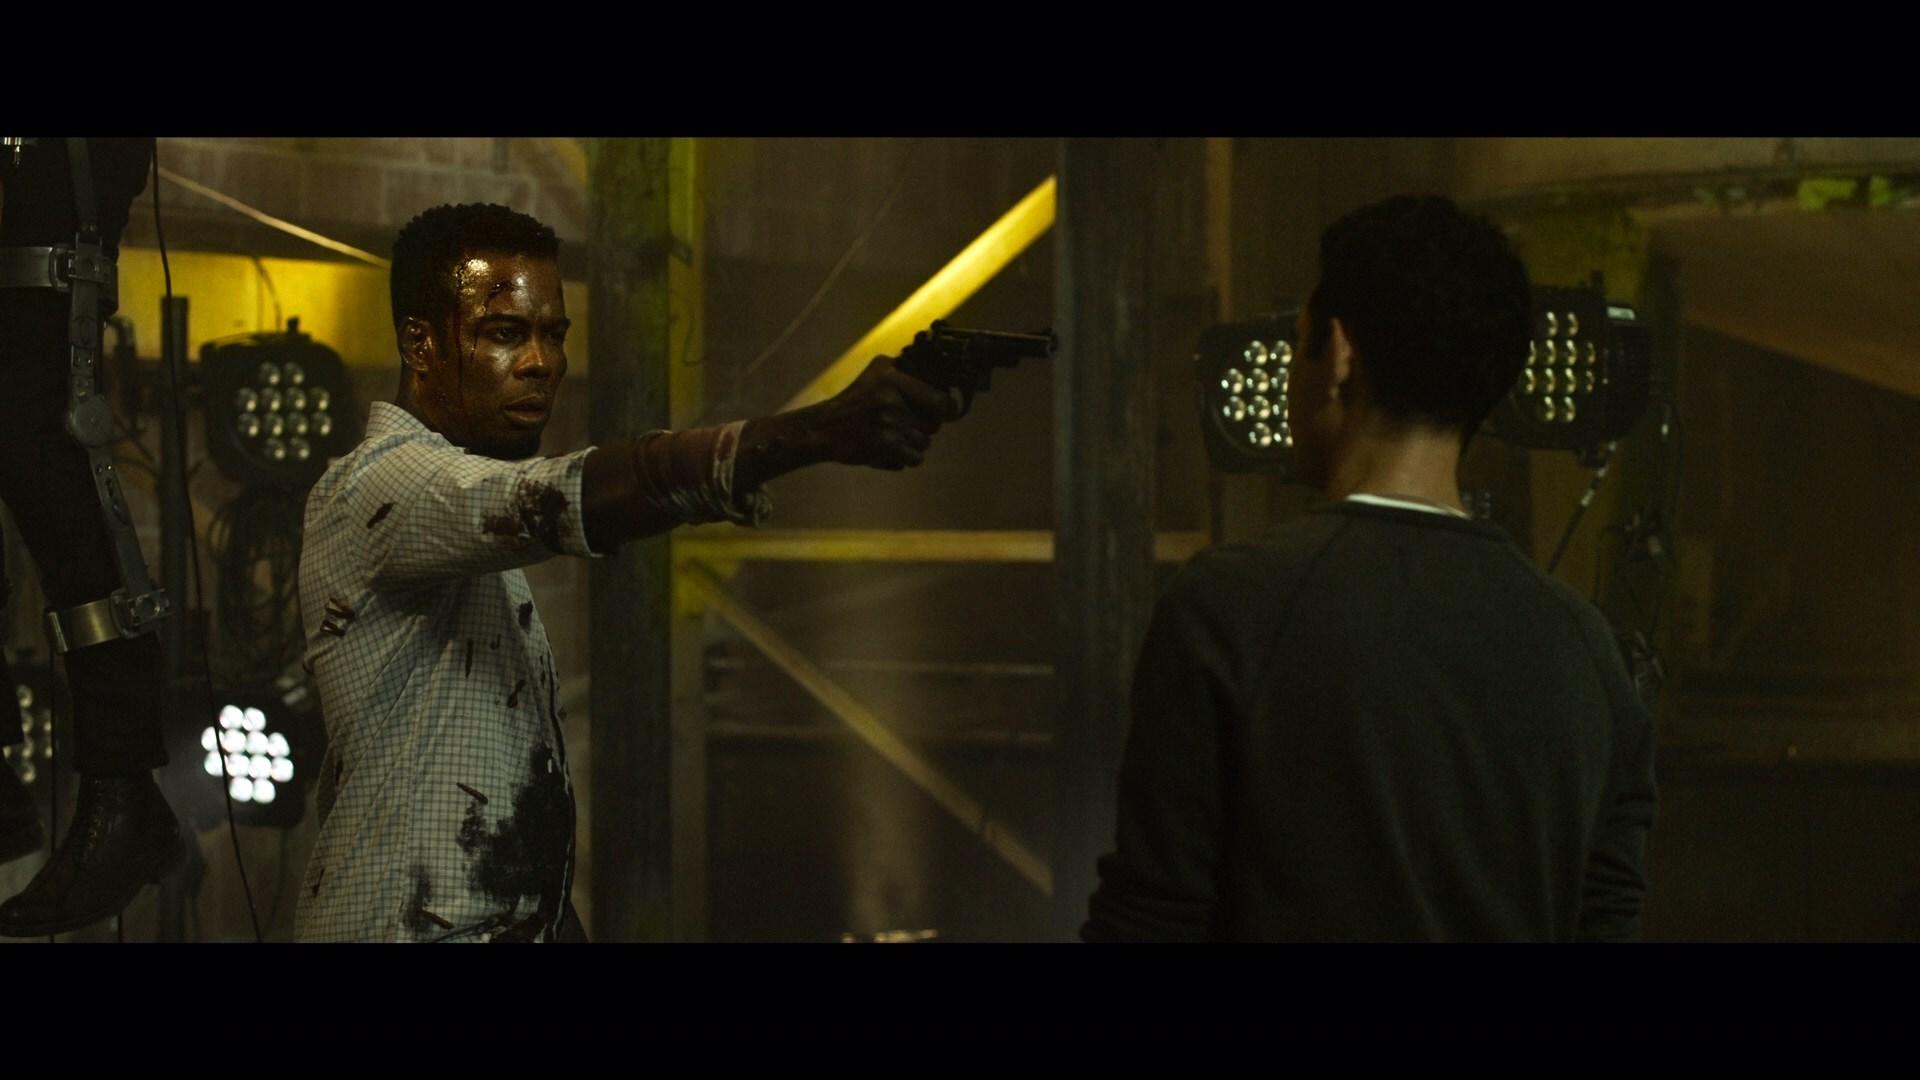 Espiral: El juego del miedo continúa (2021) 1080p Remux Latino